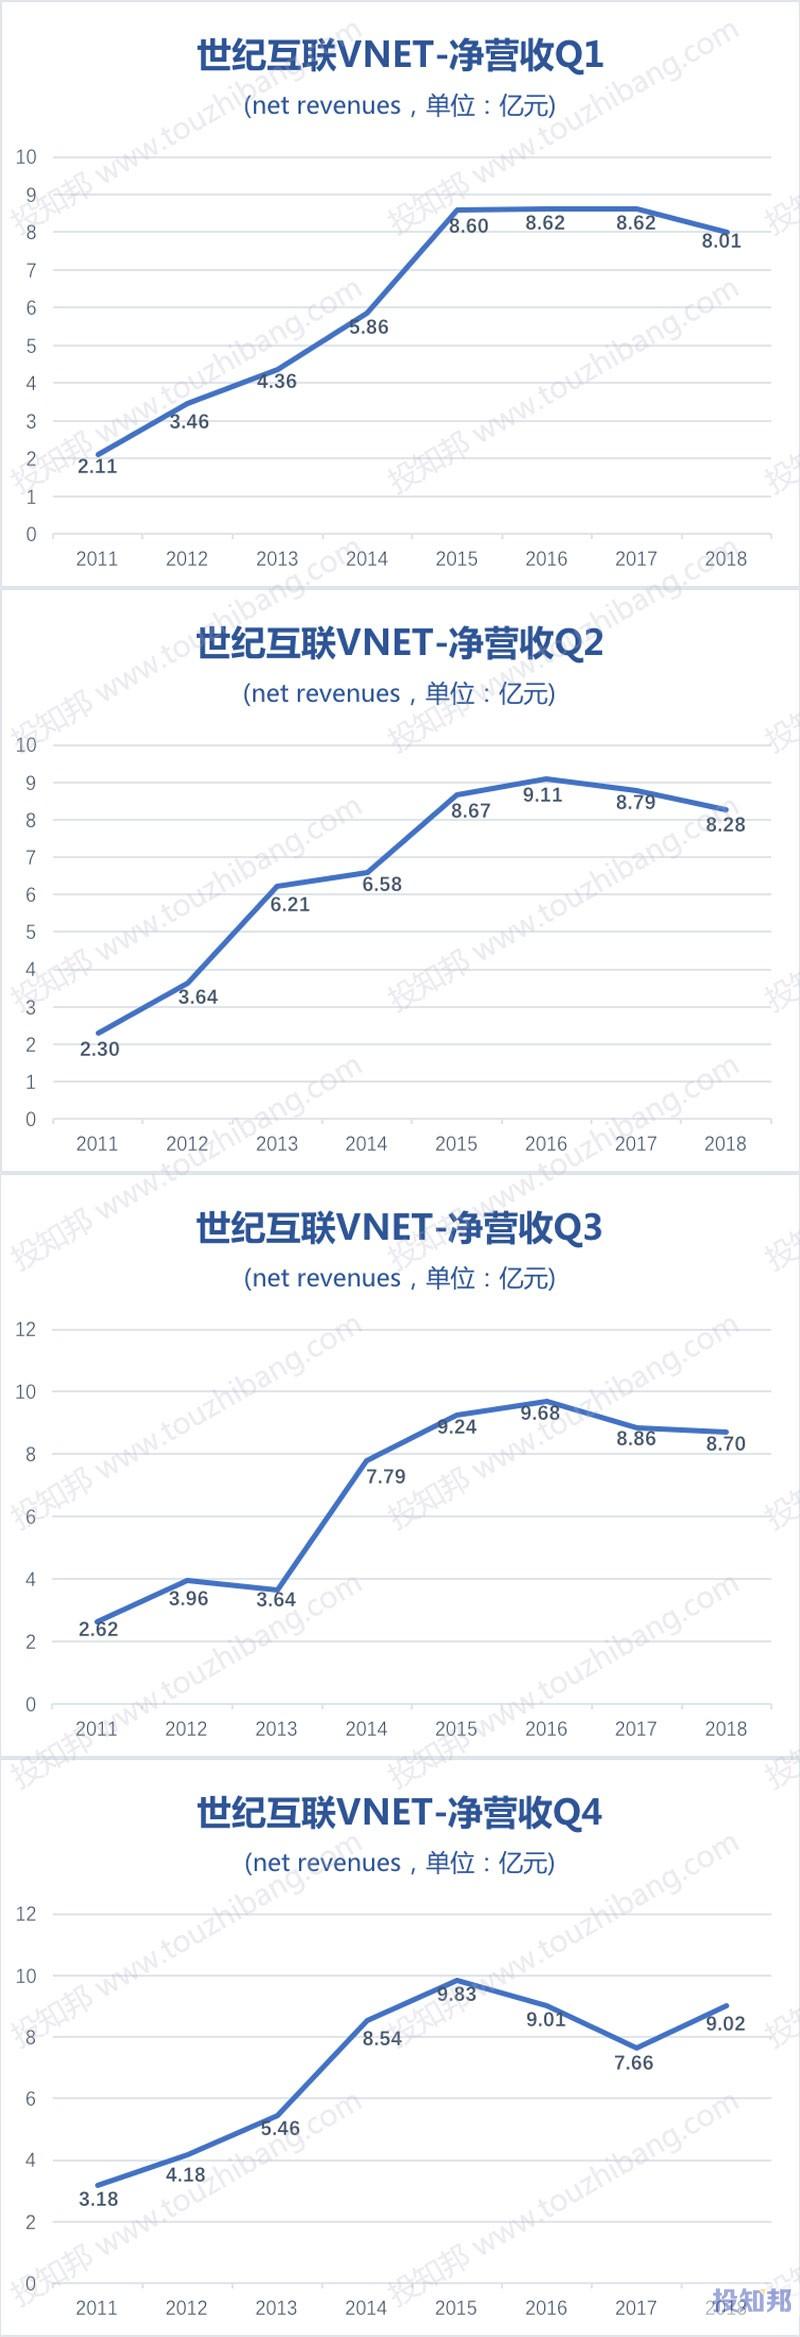 图解世纪互联(VNET)财报数据(以人民币计,2011~2018年)